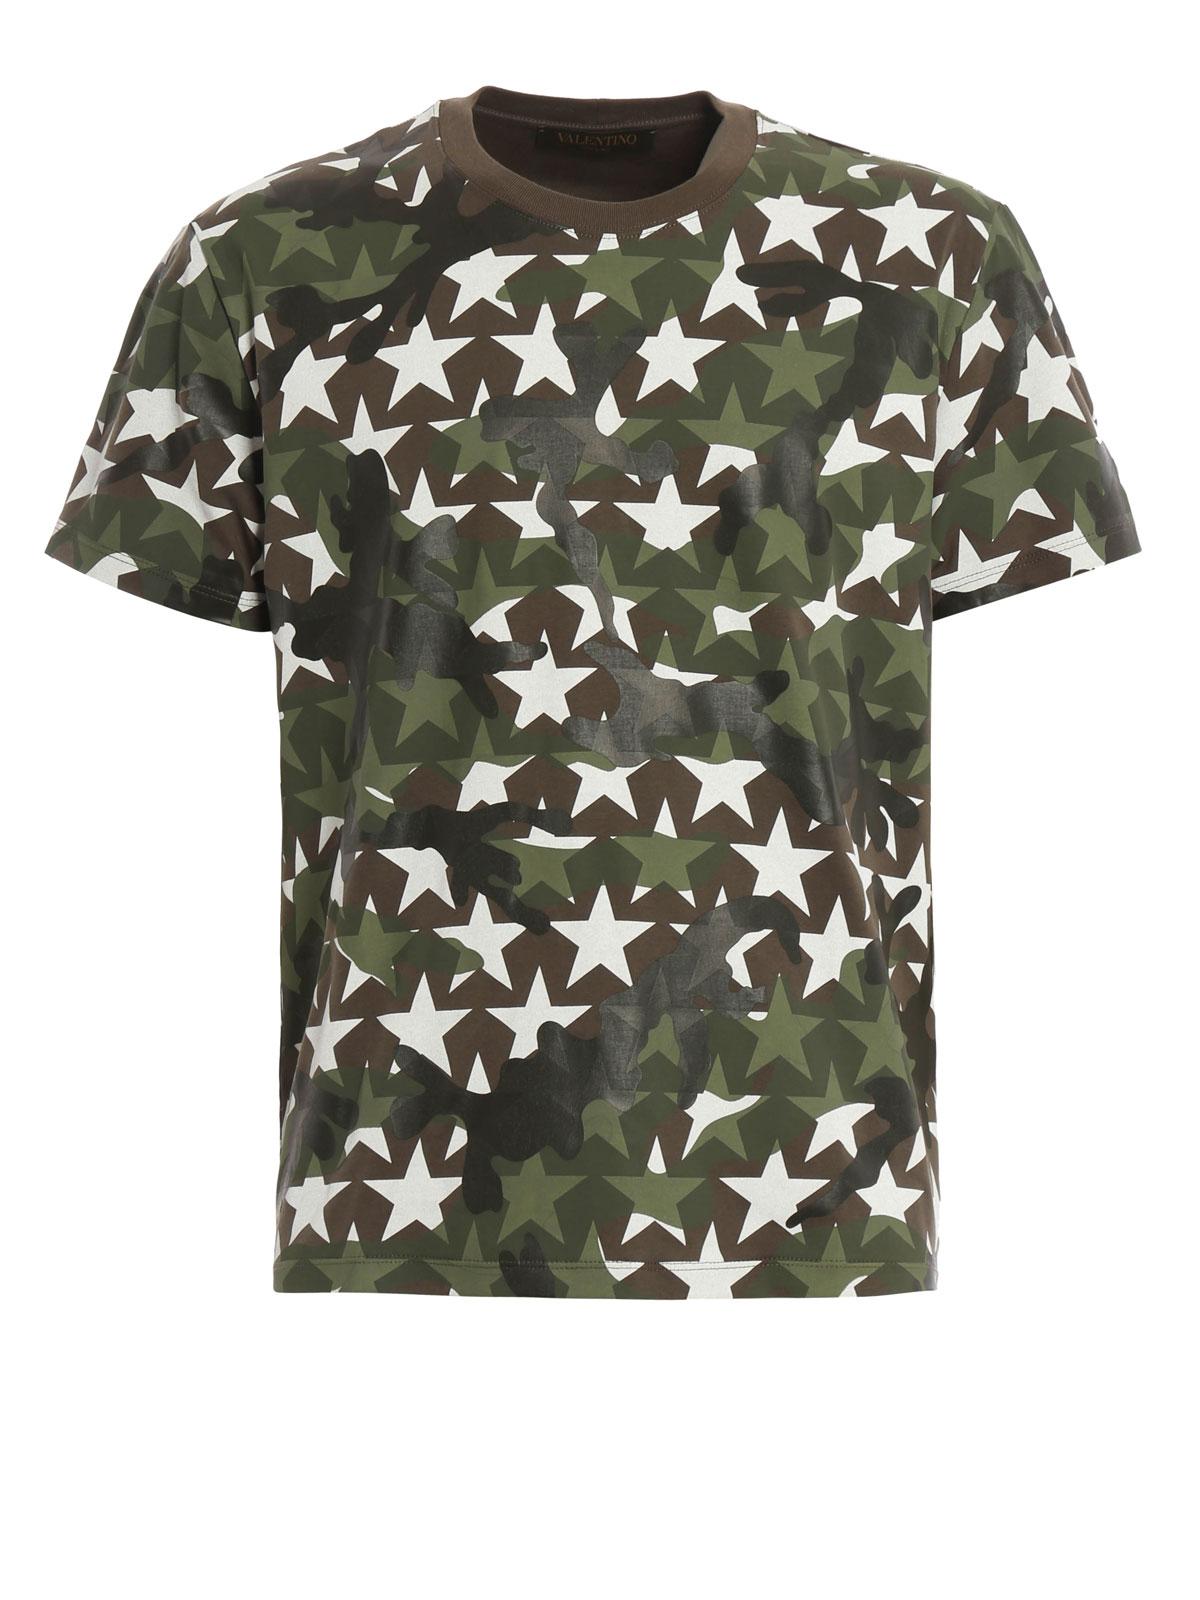 979436b7 Valentino - Camustars print T-shirt - t-shirts - MV3MG00W3T7Z56